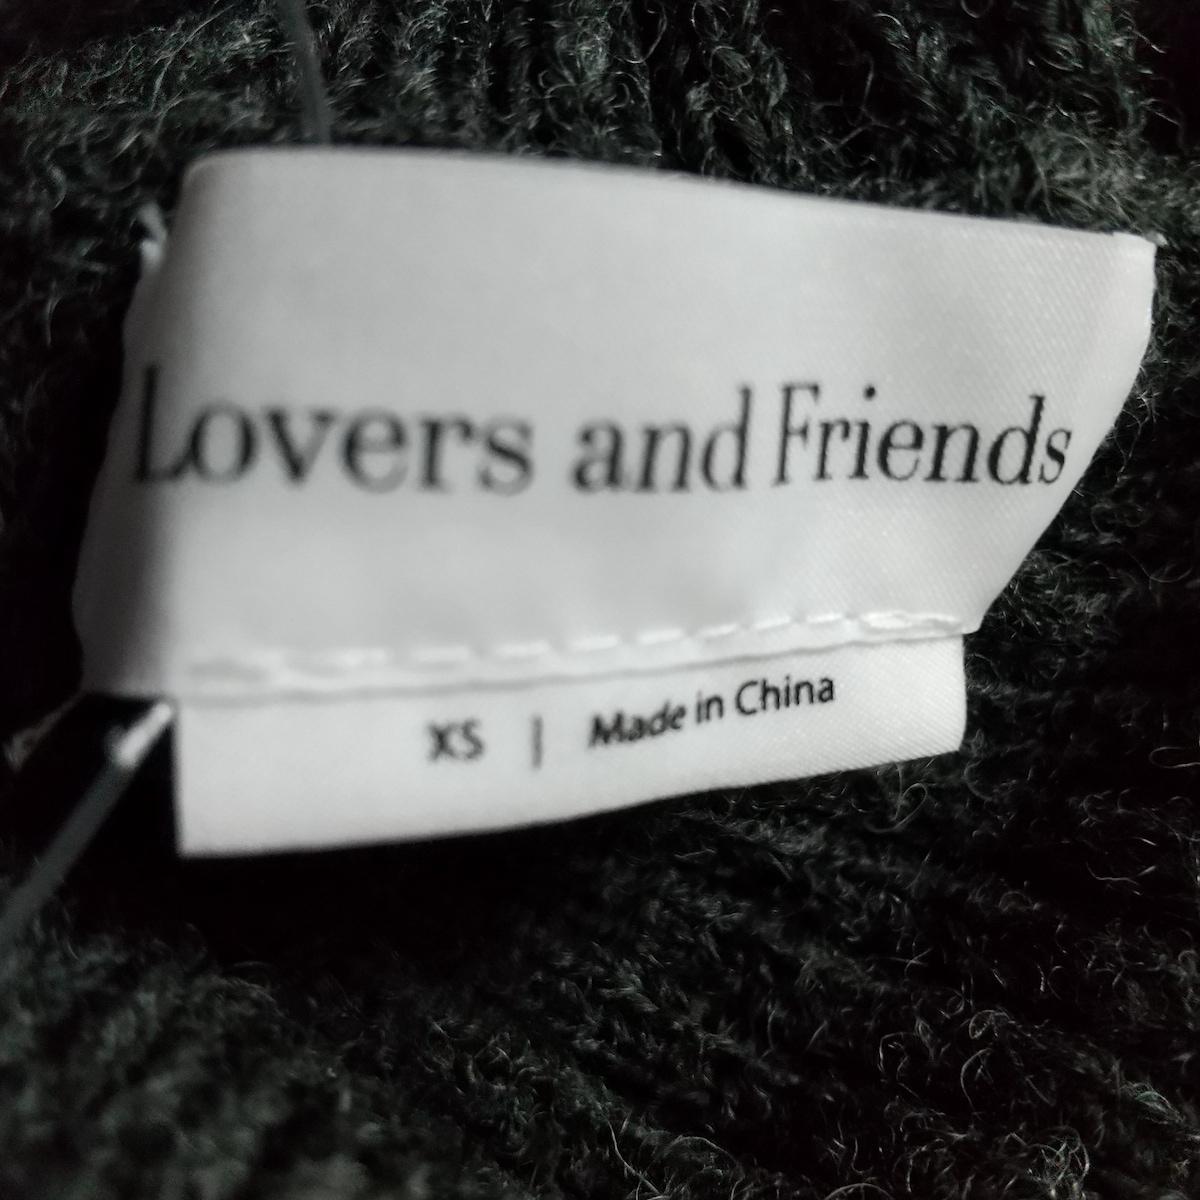 Lovers + Friends(ラヴァーズフレンド)のチュニック